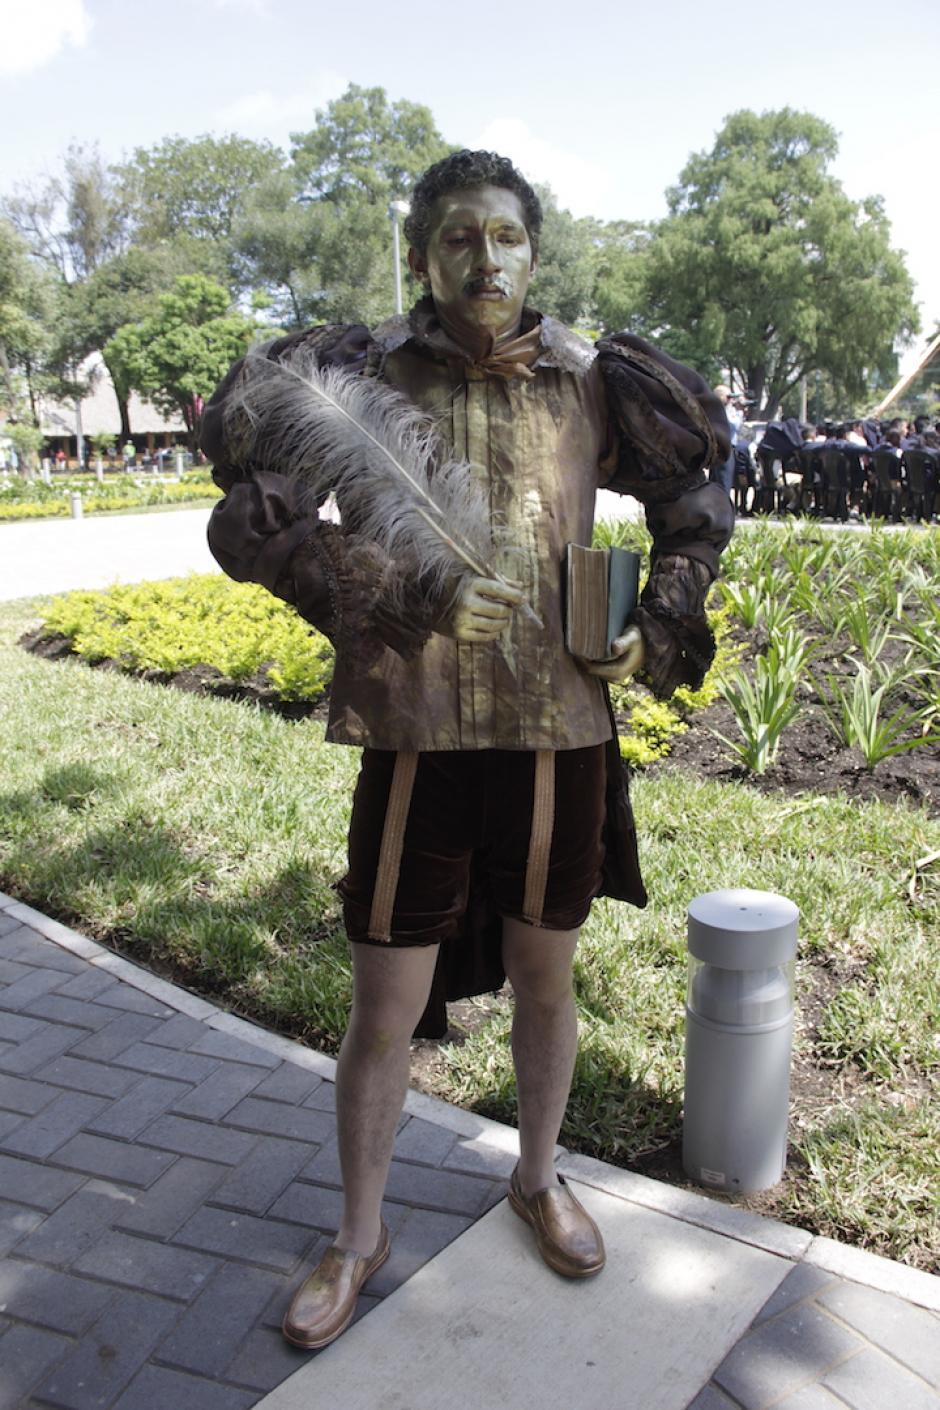 Un hombre disfrazado con traje de época dio la bienvenida a los visitantes durante la inauguración de la obra. (Foto: Fredy Hernández/Soy502)